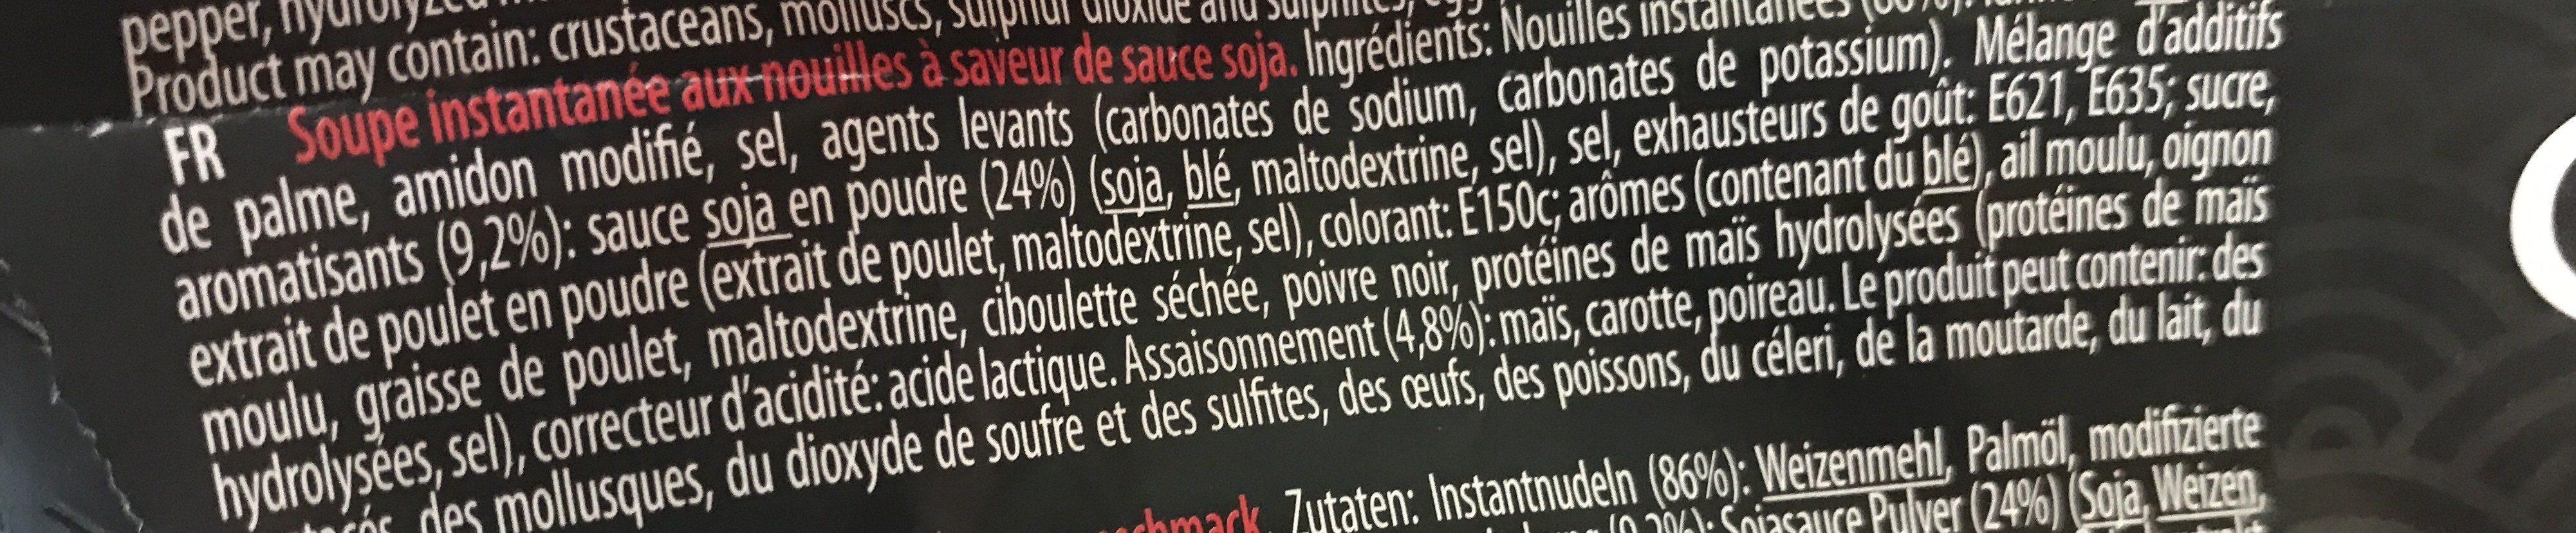 Soy sauce ramen soupe - Ingrédients - fr